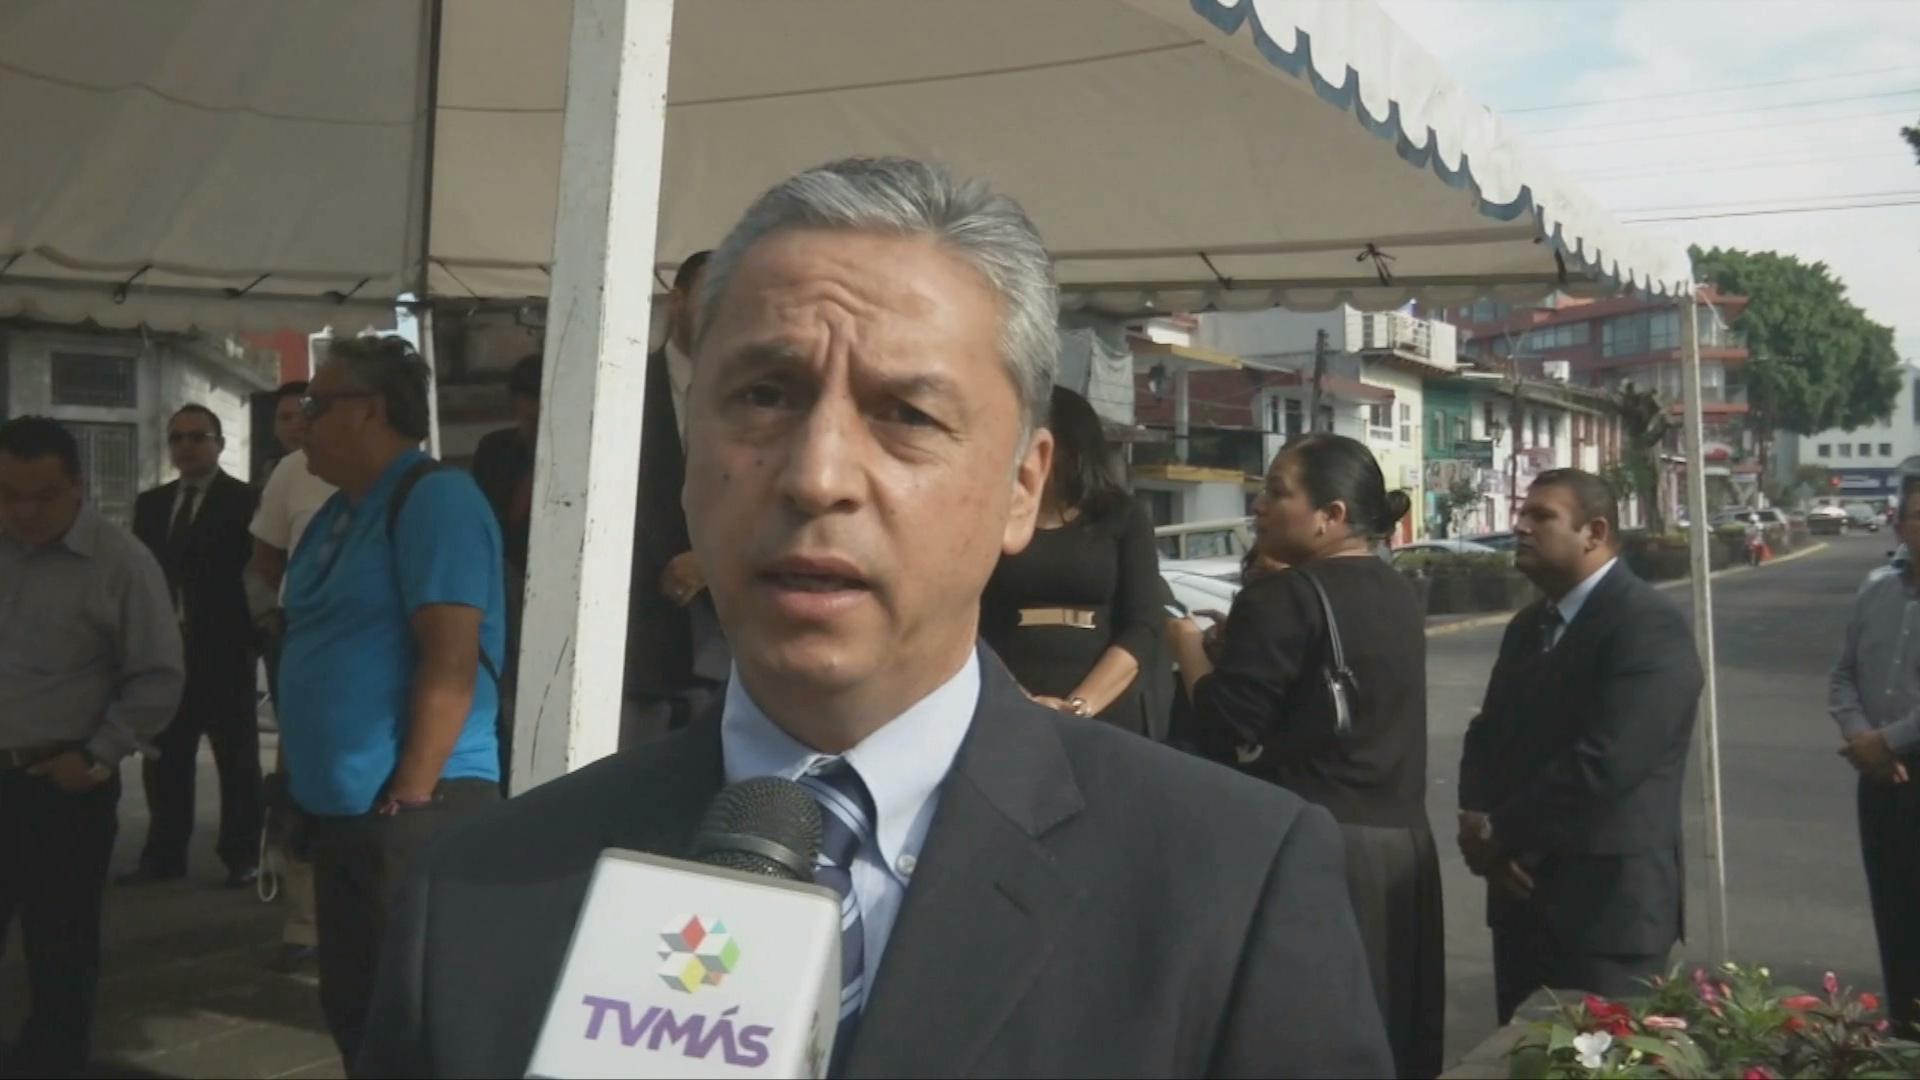 El Ayuntamiento de Xalapa lamenta la muerte de Rafael Olvera Carrascosa